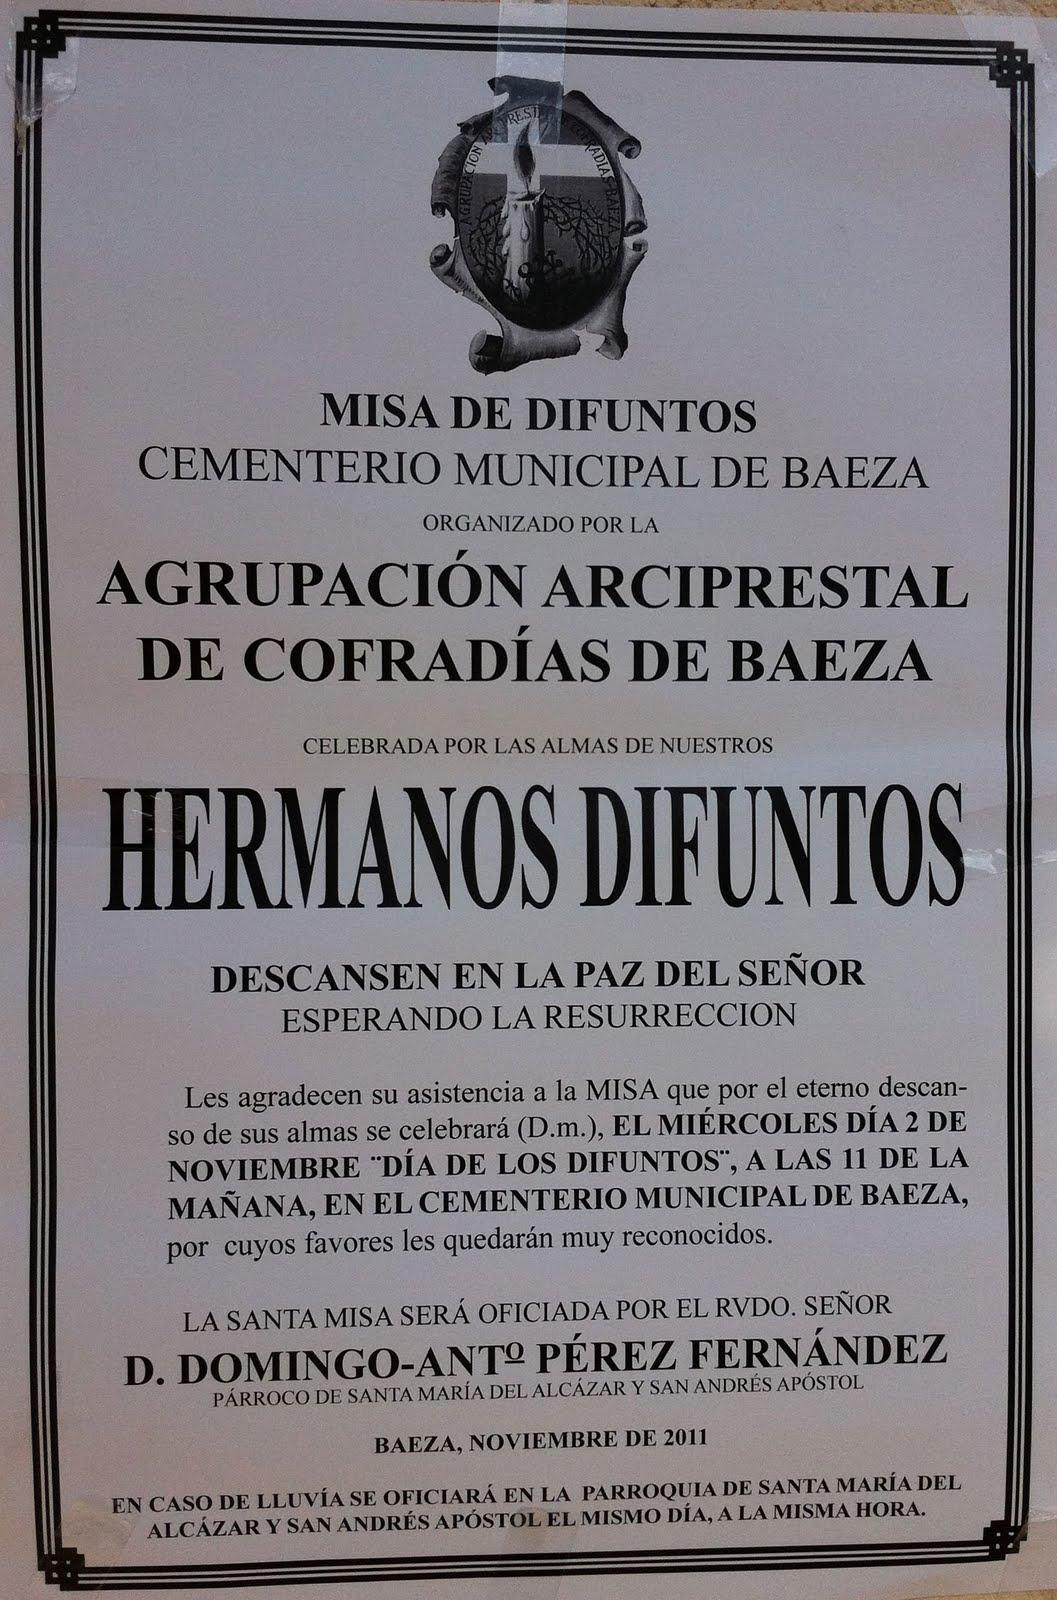 MISA DE DIFUNTOS